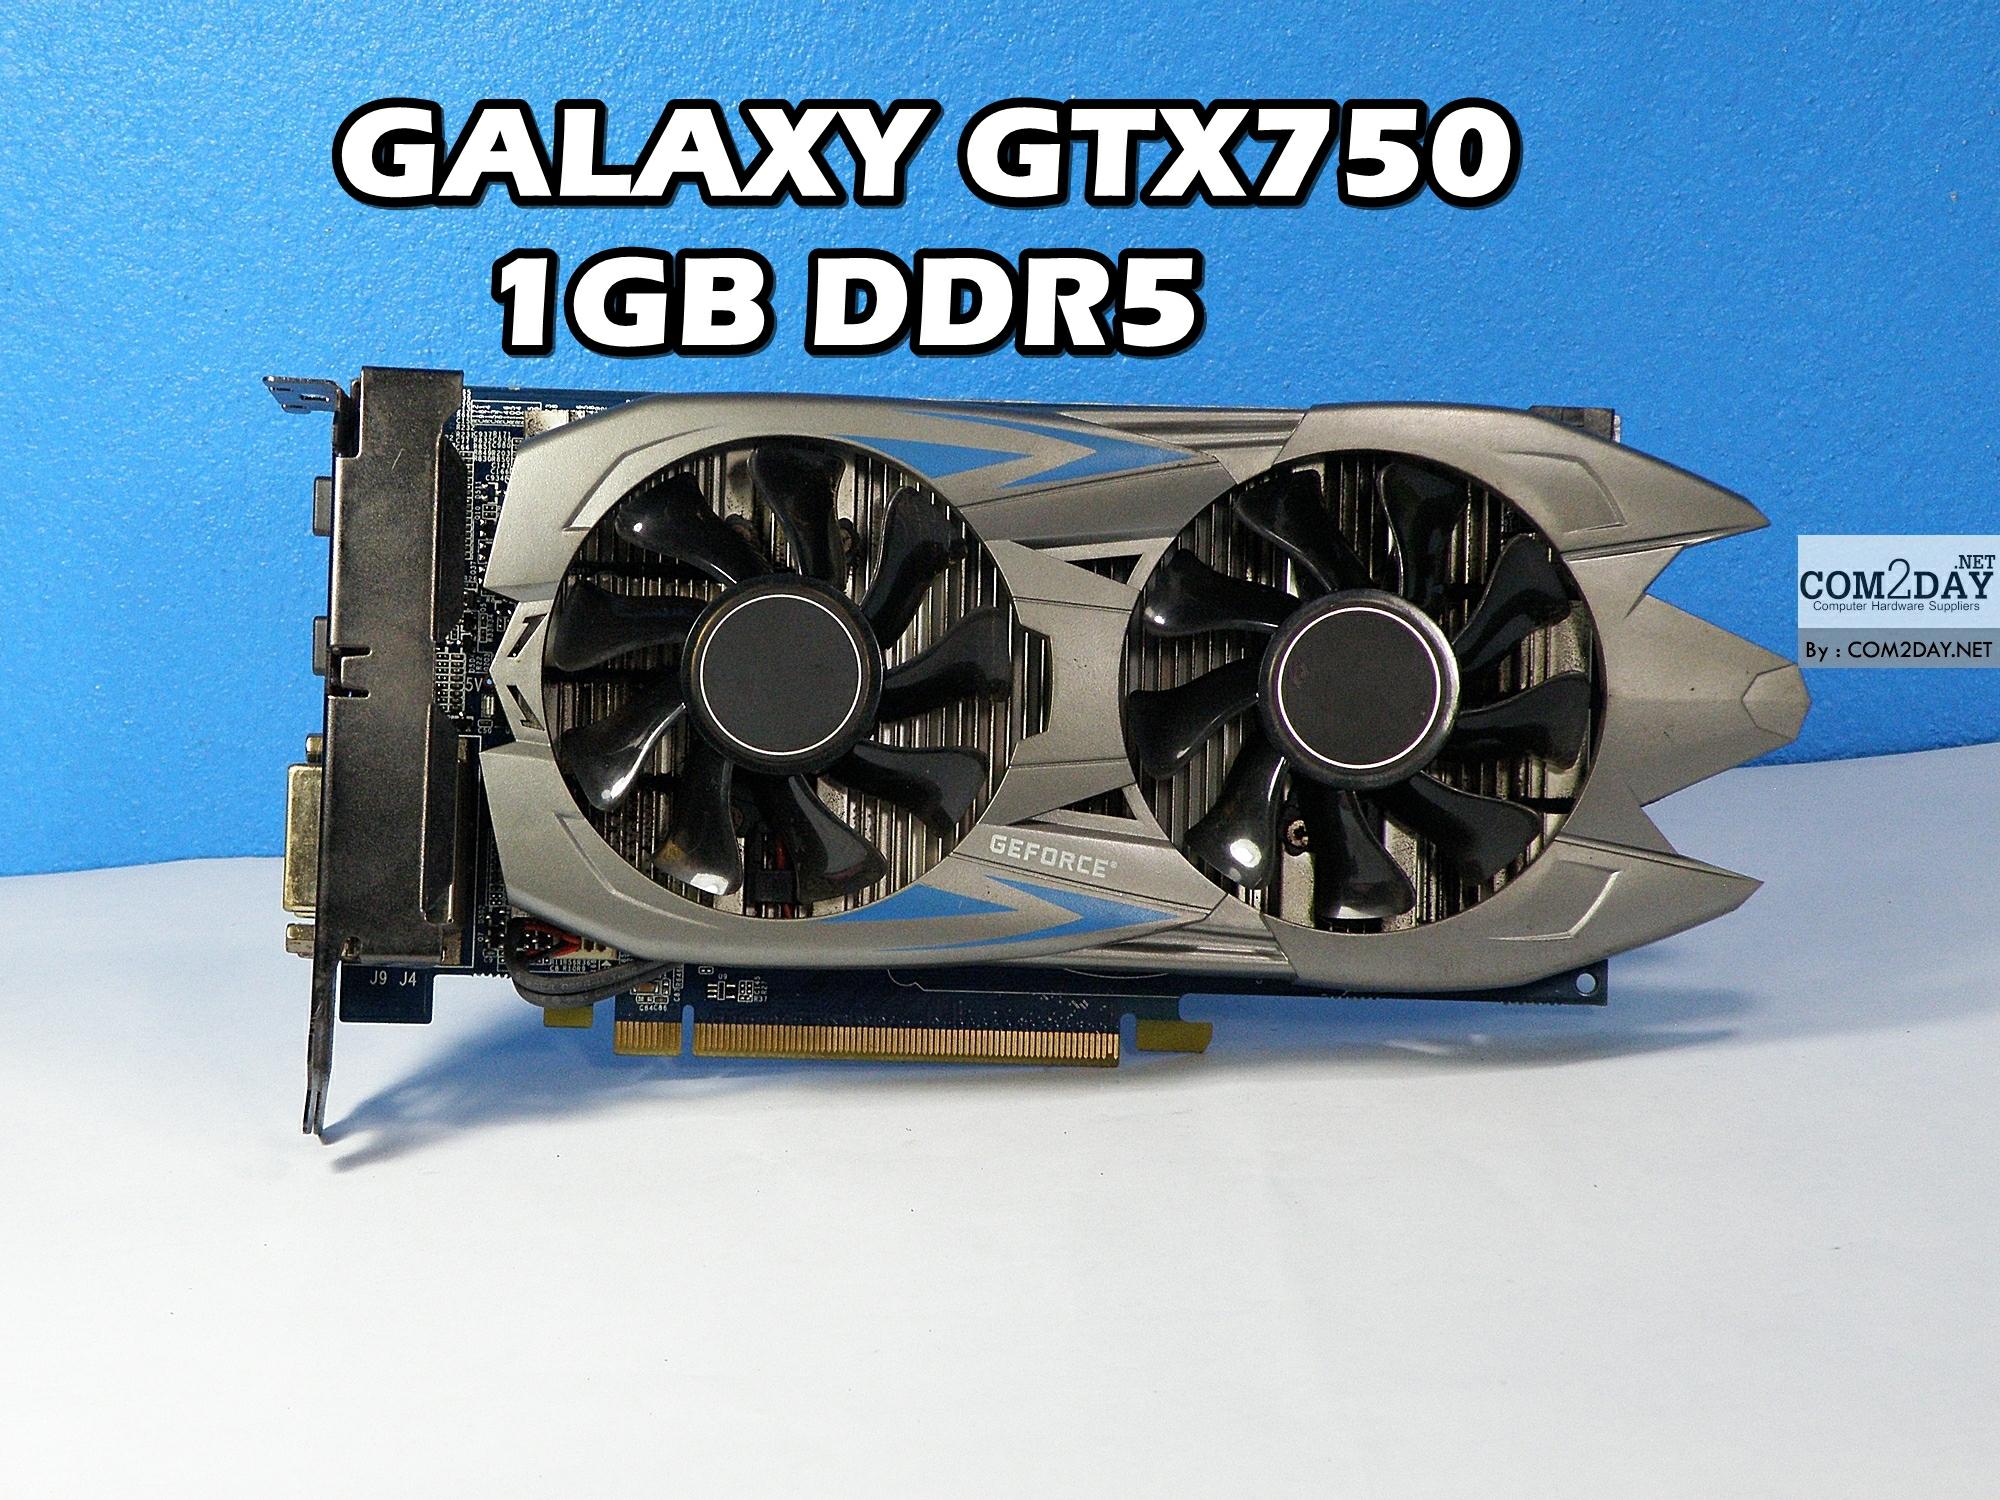 GALAXY GTX750 1GB DDR5